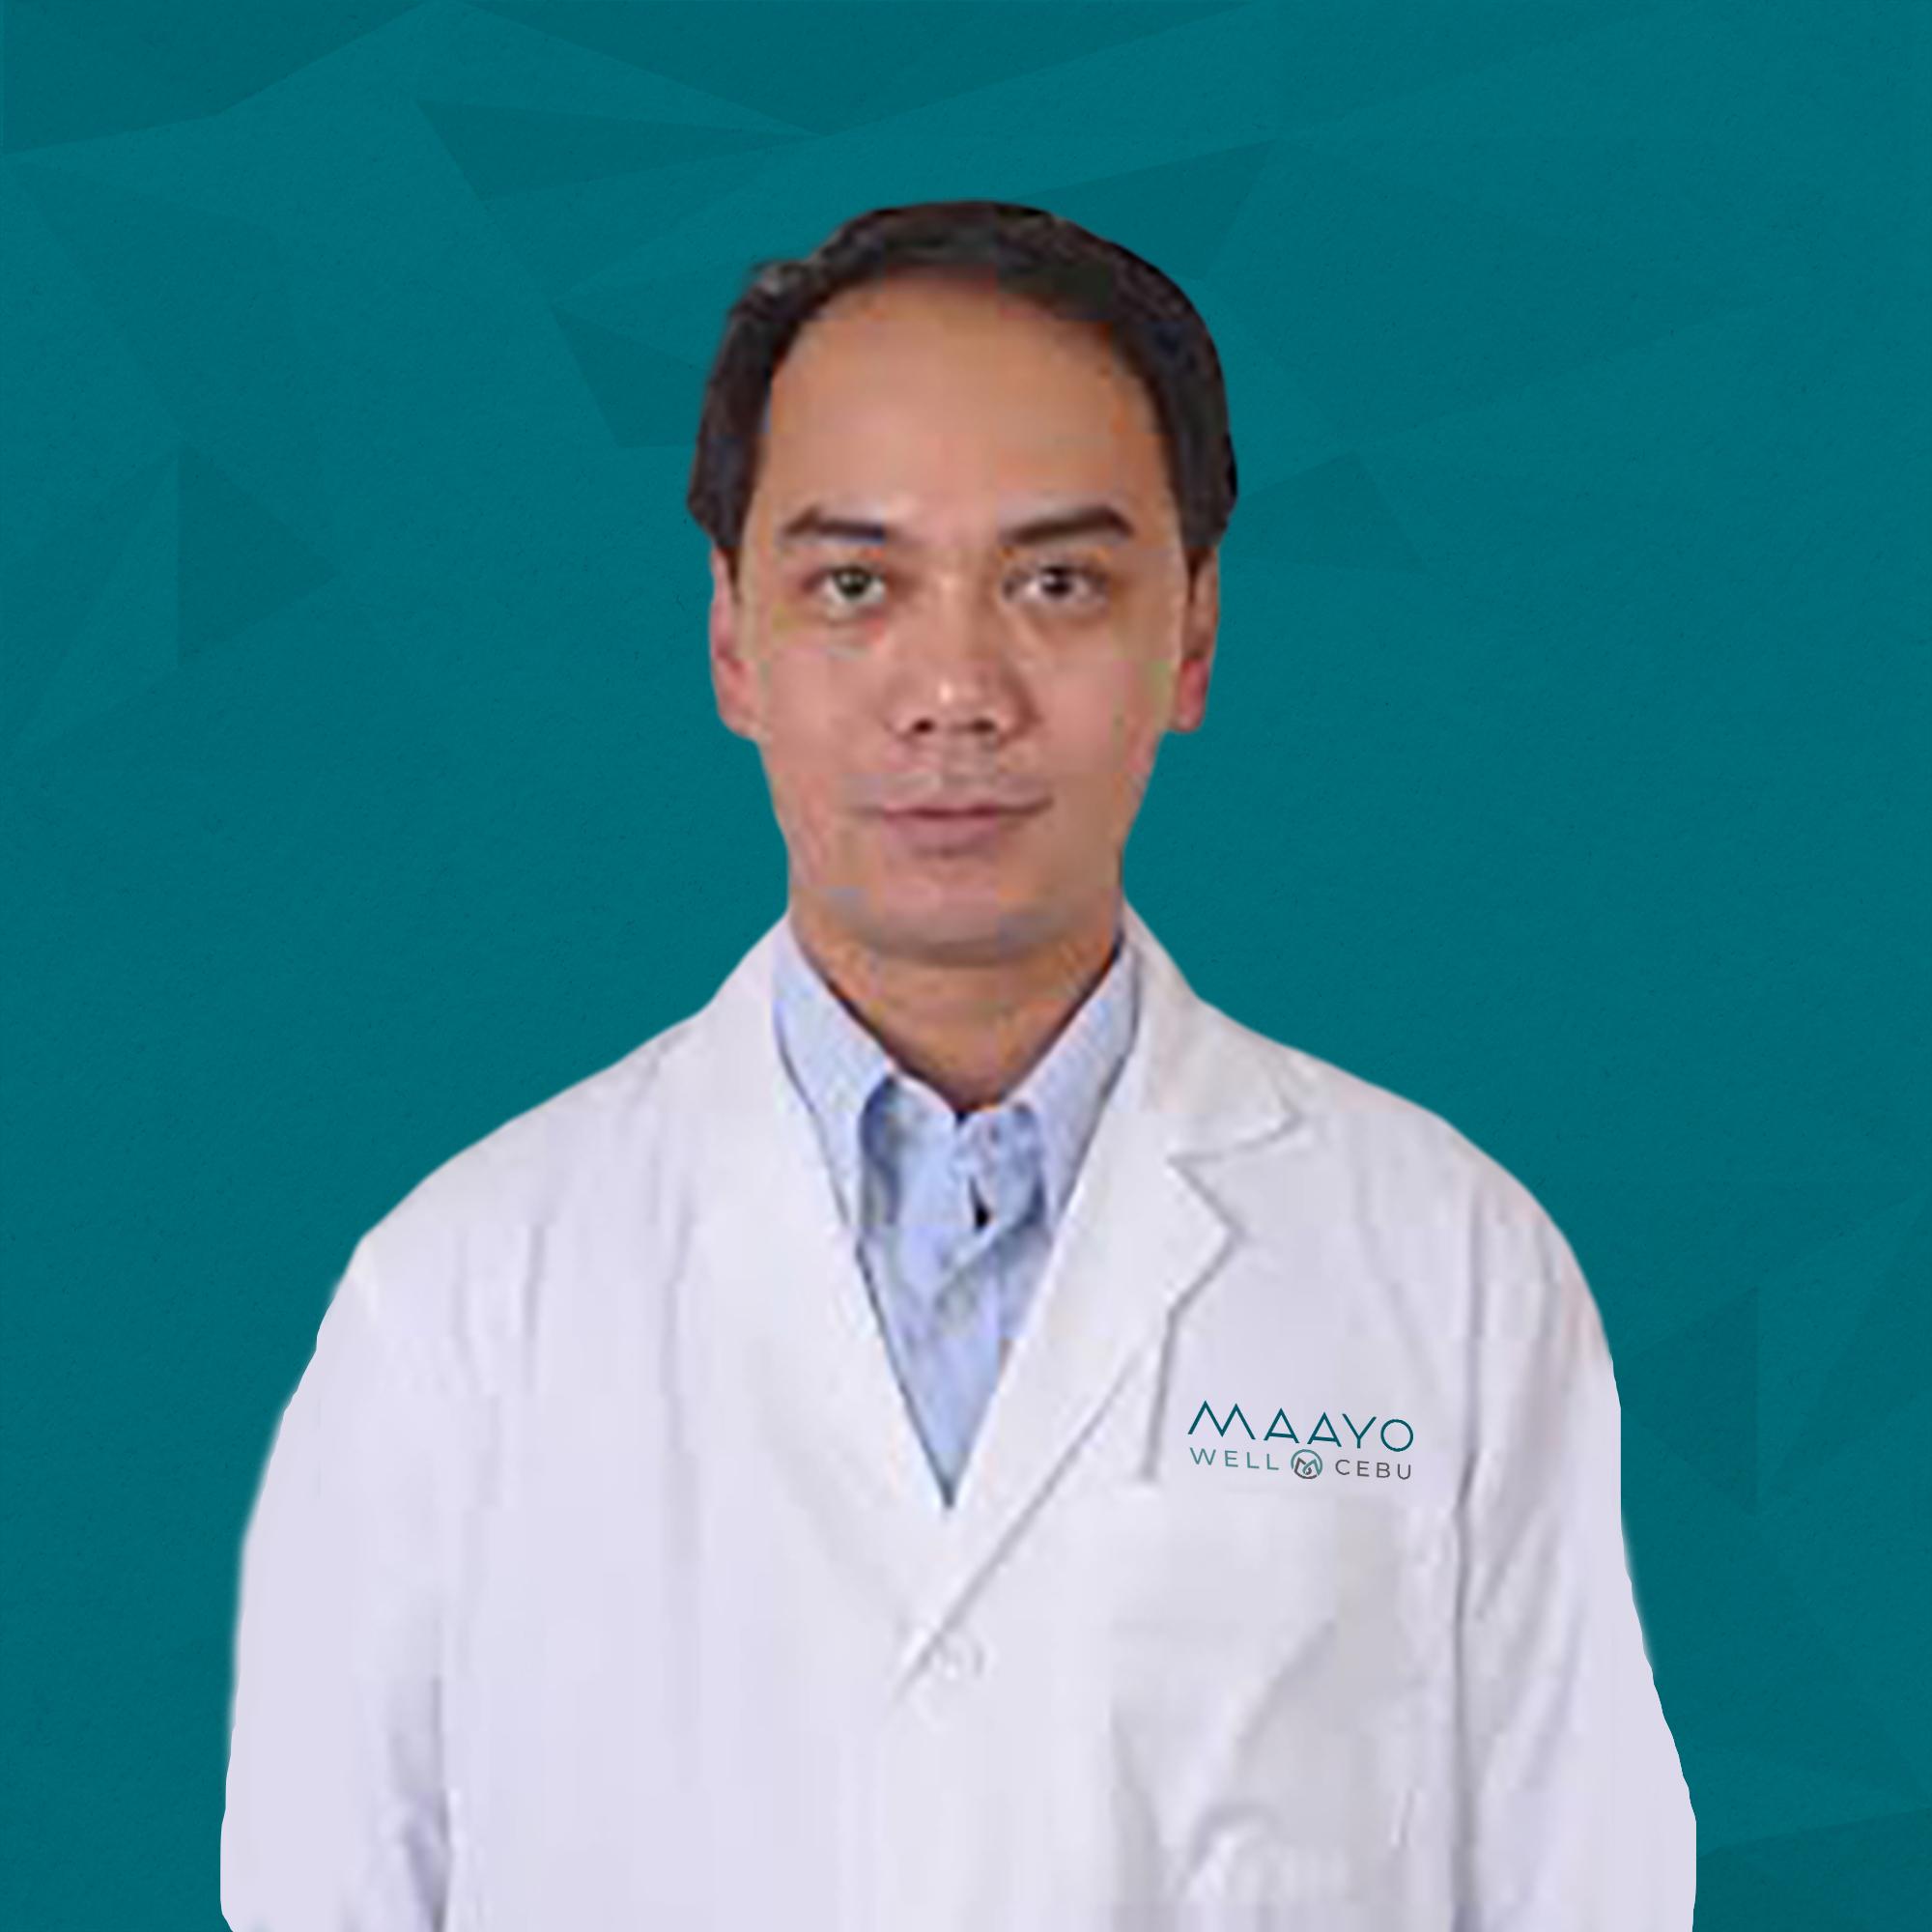 Dr. Mejia, Albert